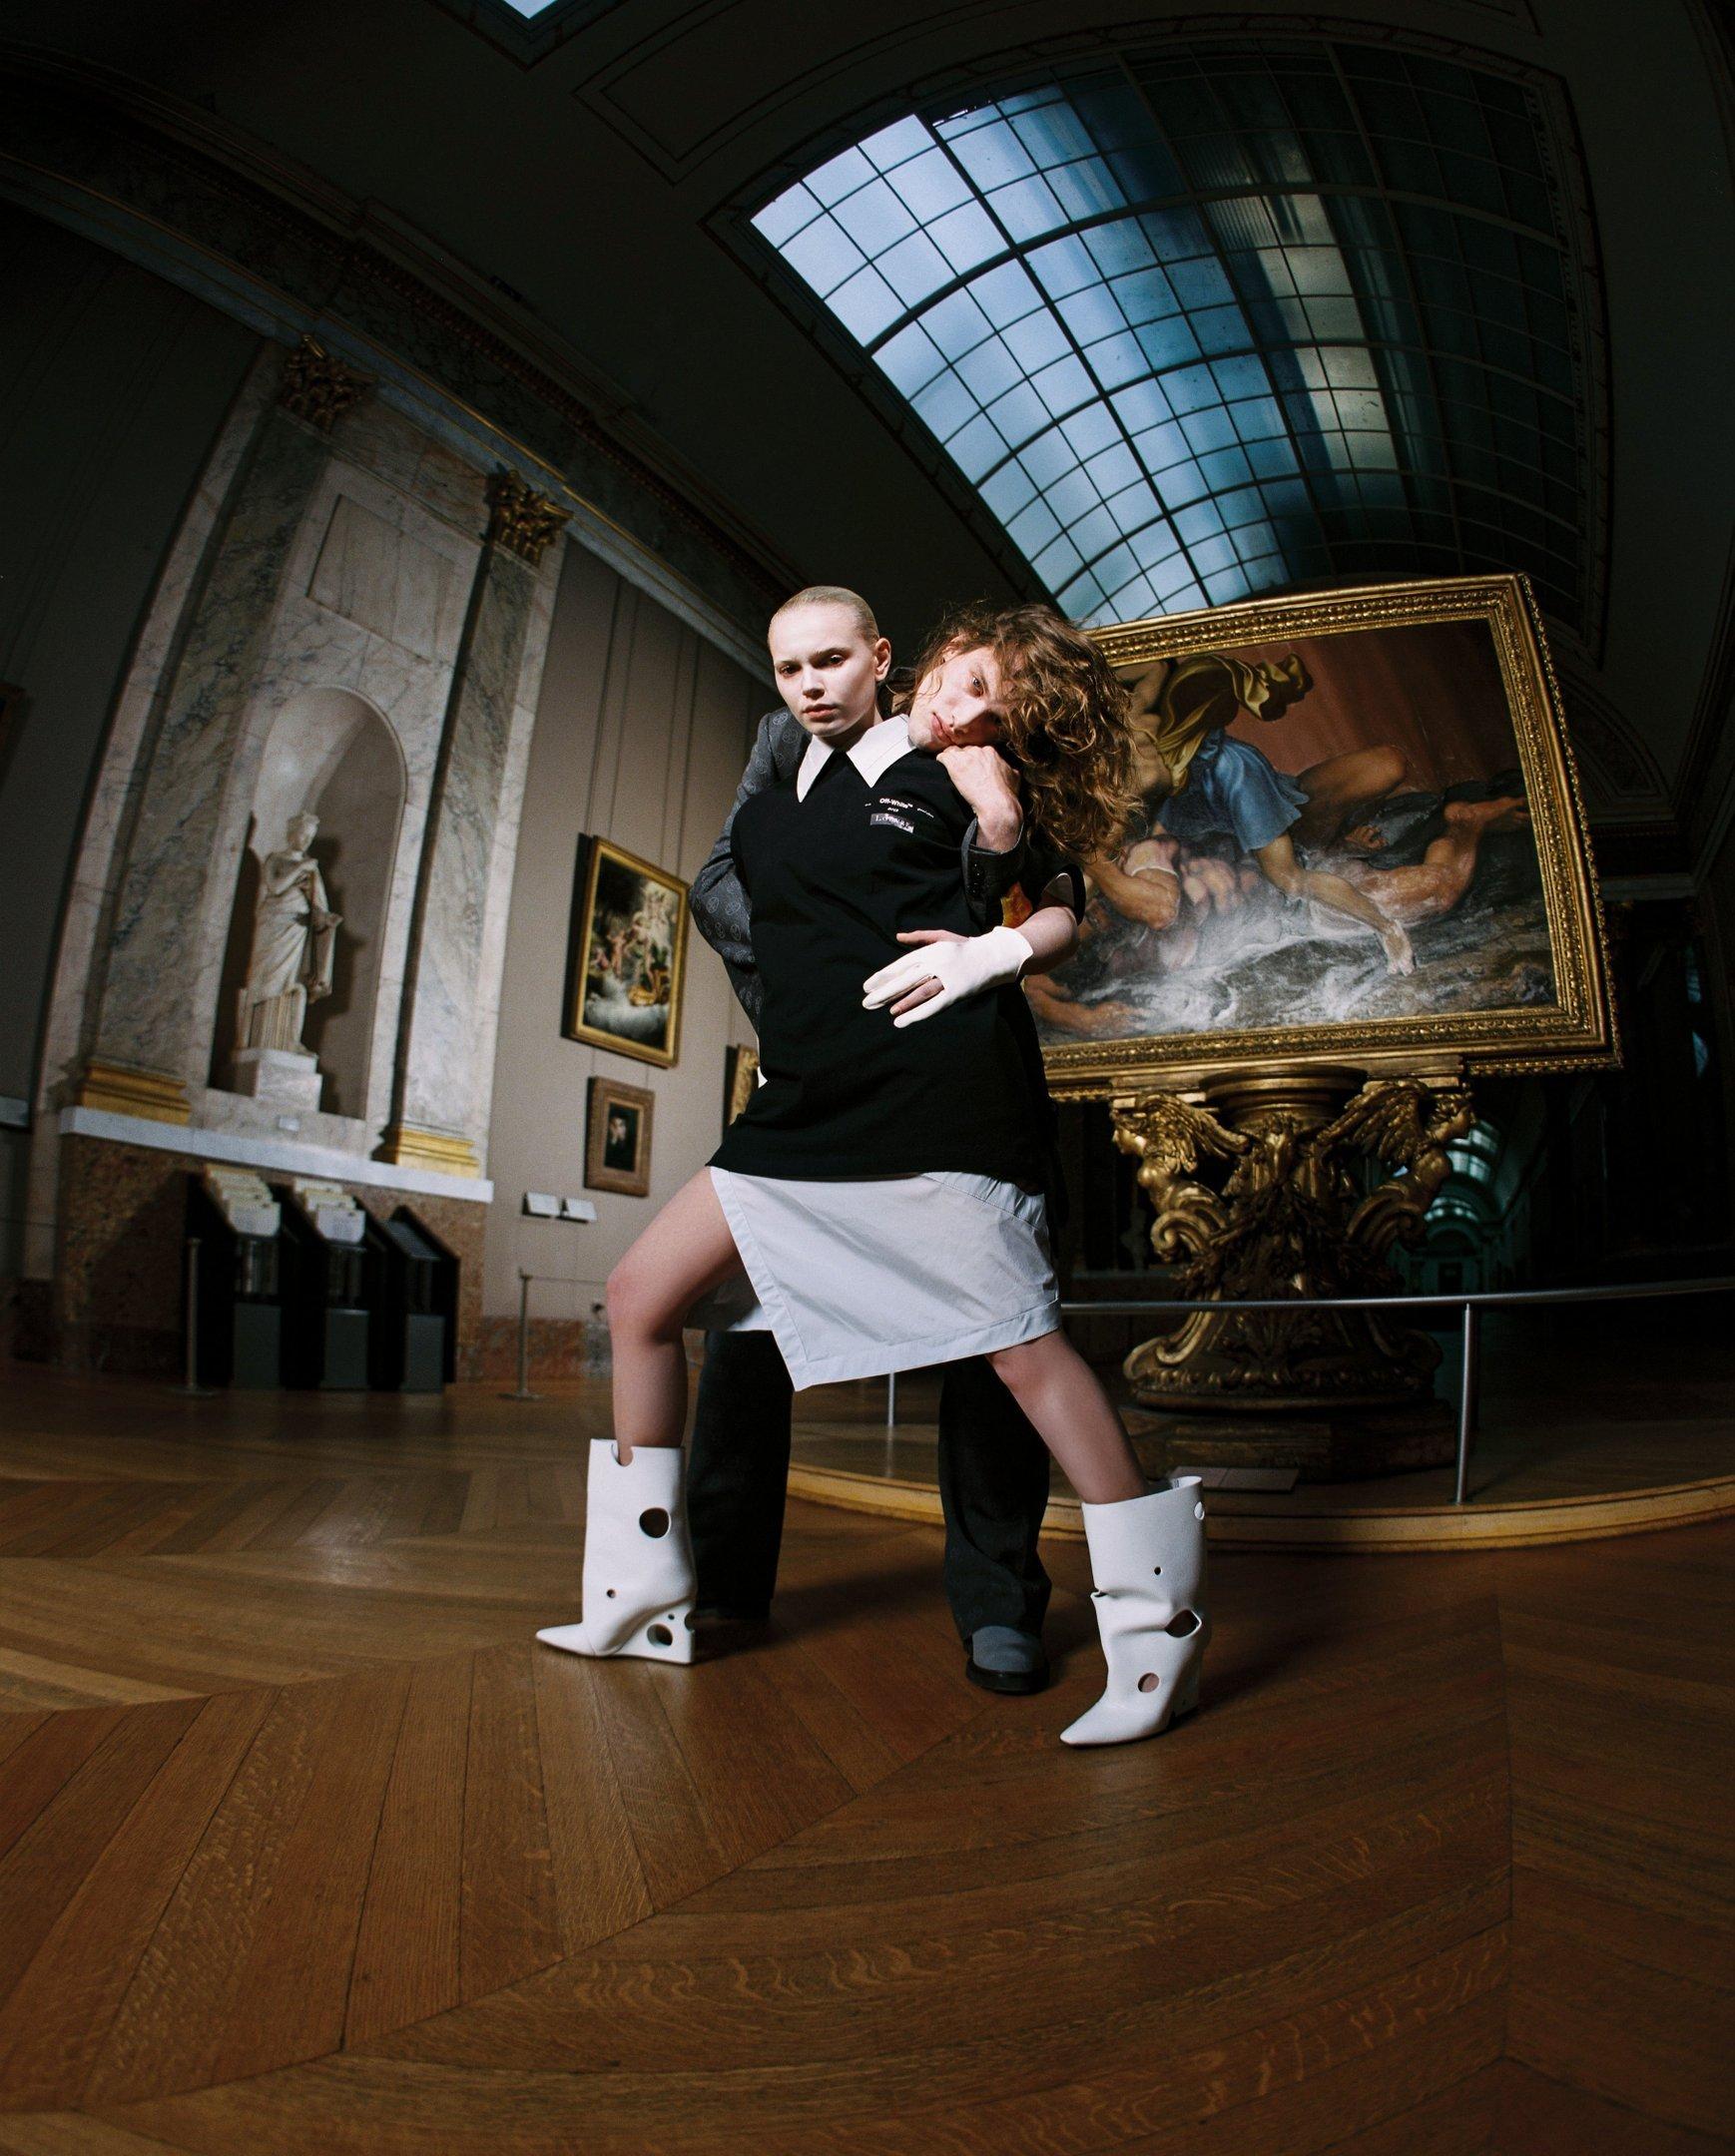 Off-White e Louvre: parceria nos 500 anos de Da Vinci